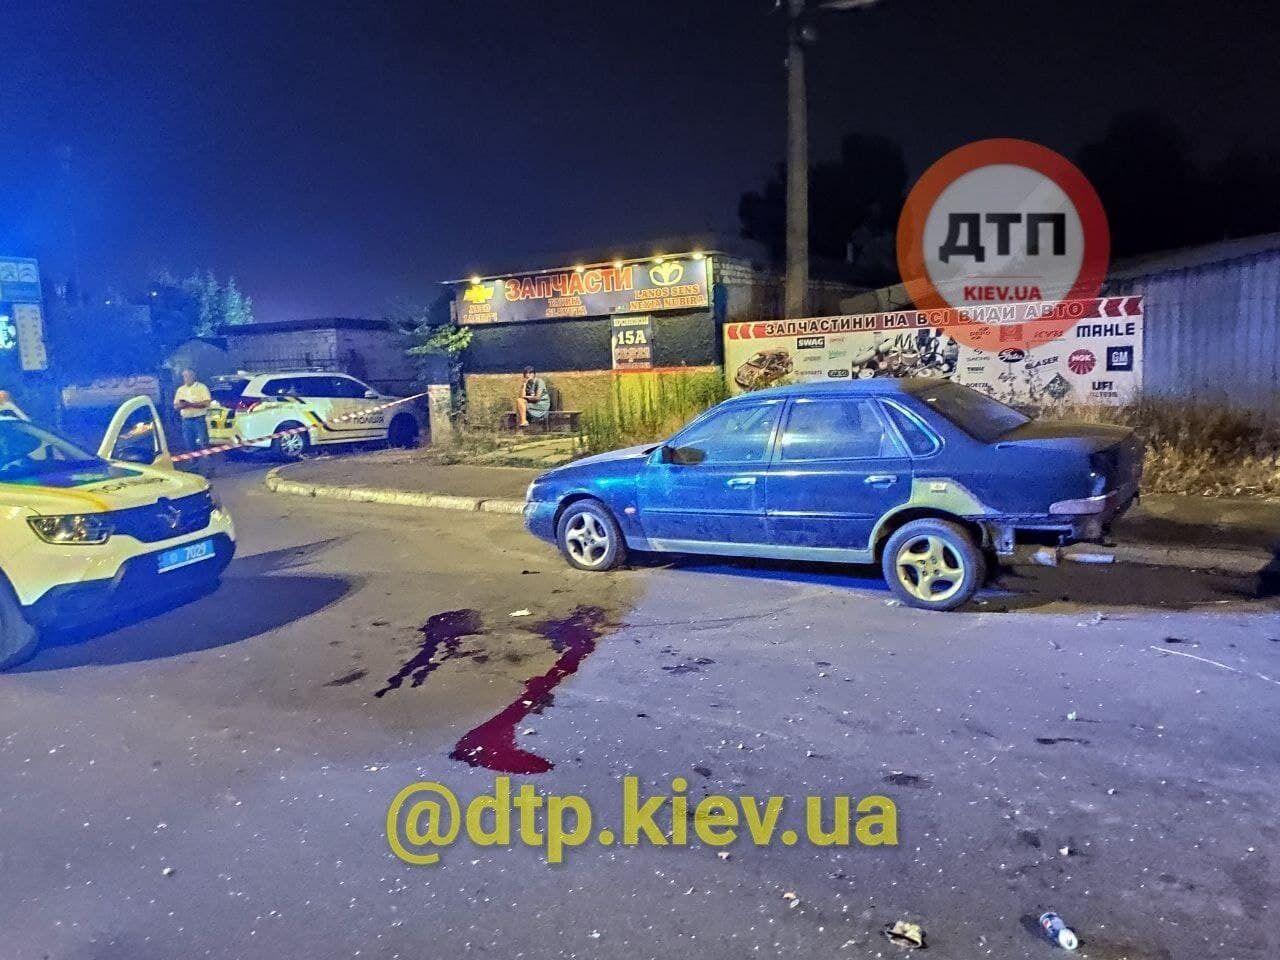 Девушка погибла в машине скорой помощи